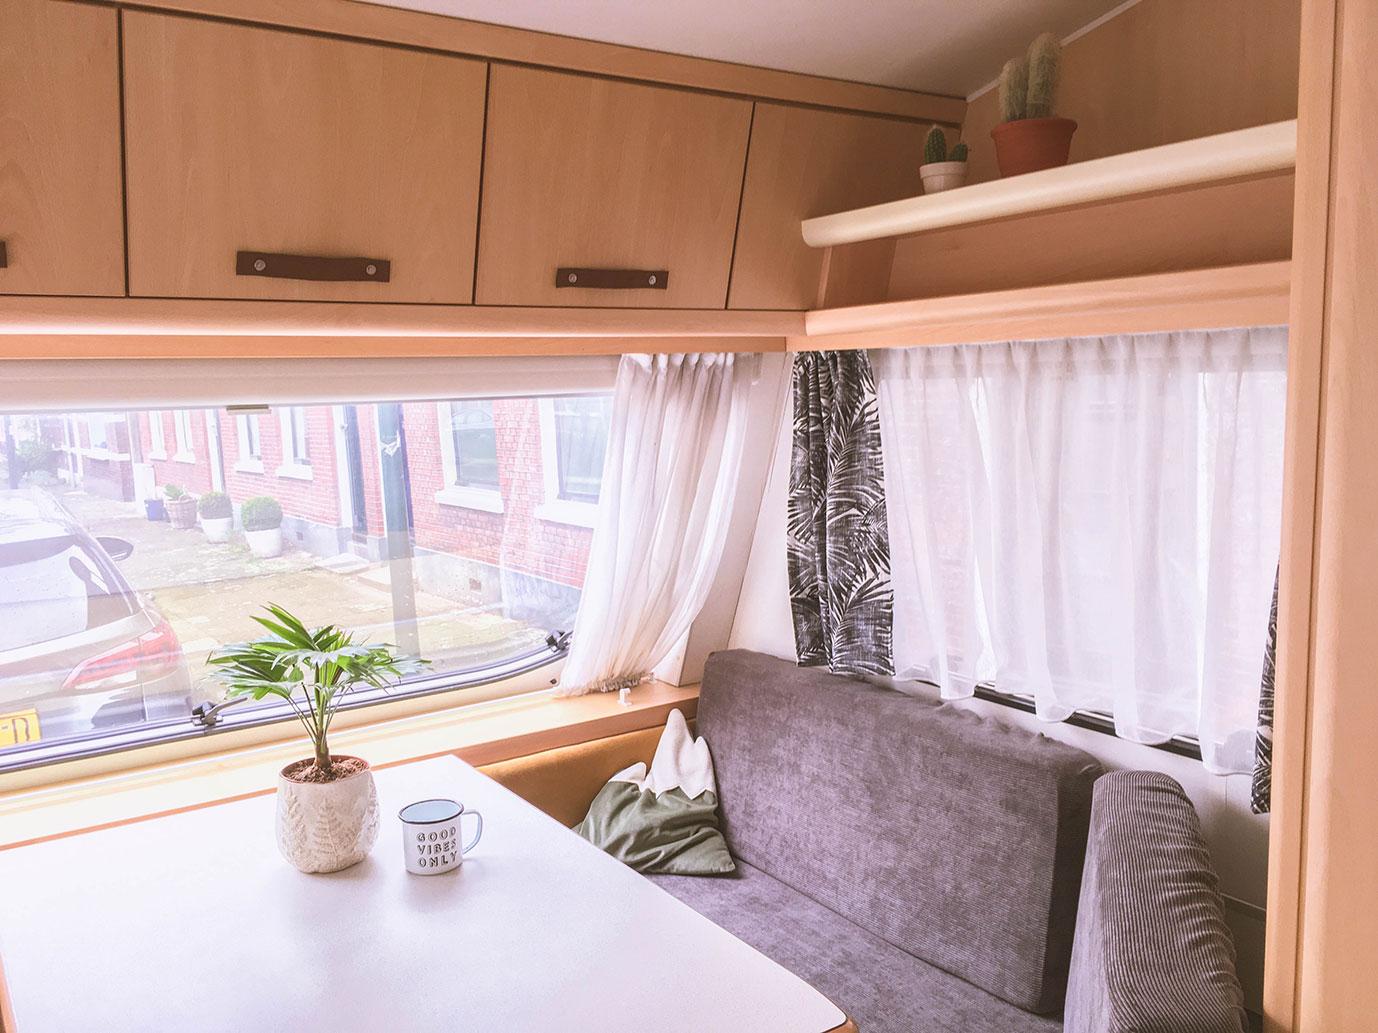 http://kleineglobetrotter.nl/wp-content/uploads/2018/04/caravan-restyling-bijna-klaar.jpg